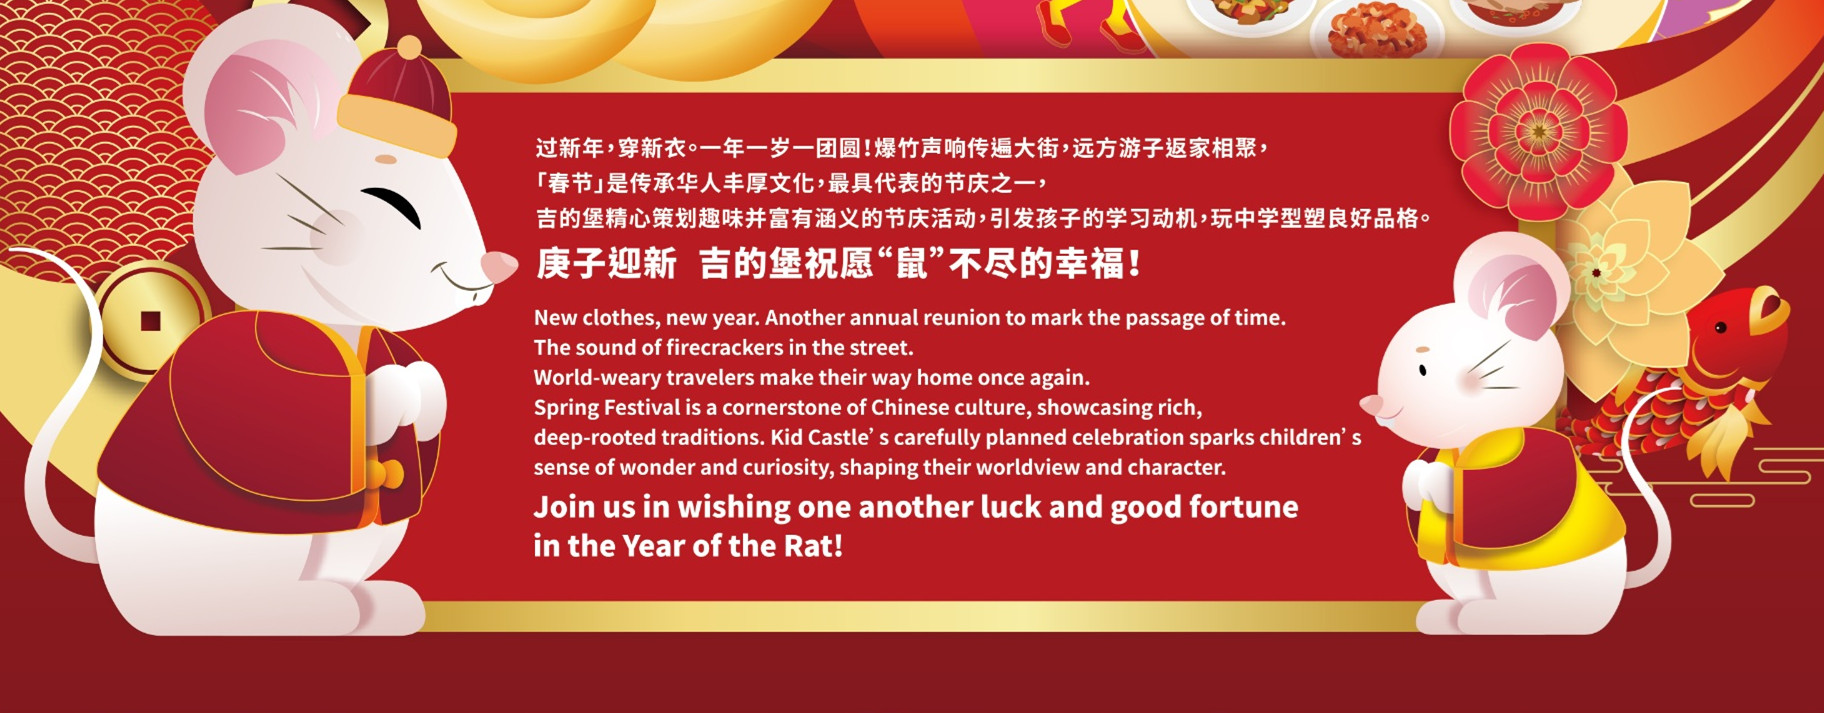 2020年1月春节---祝福鼠来宝